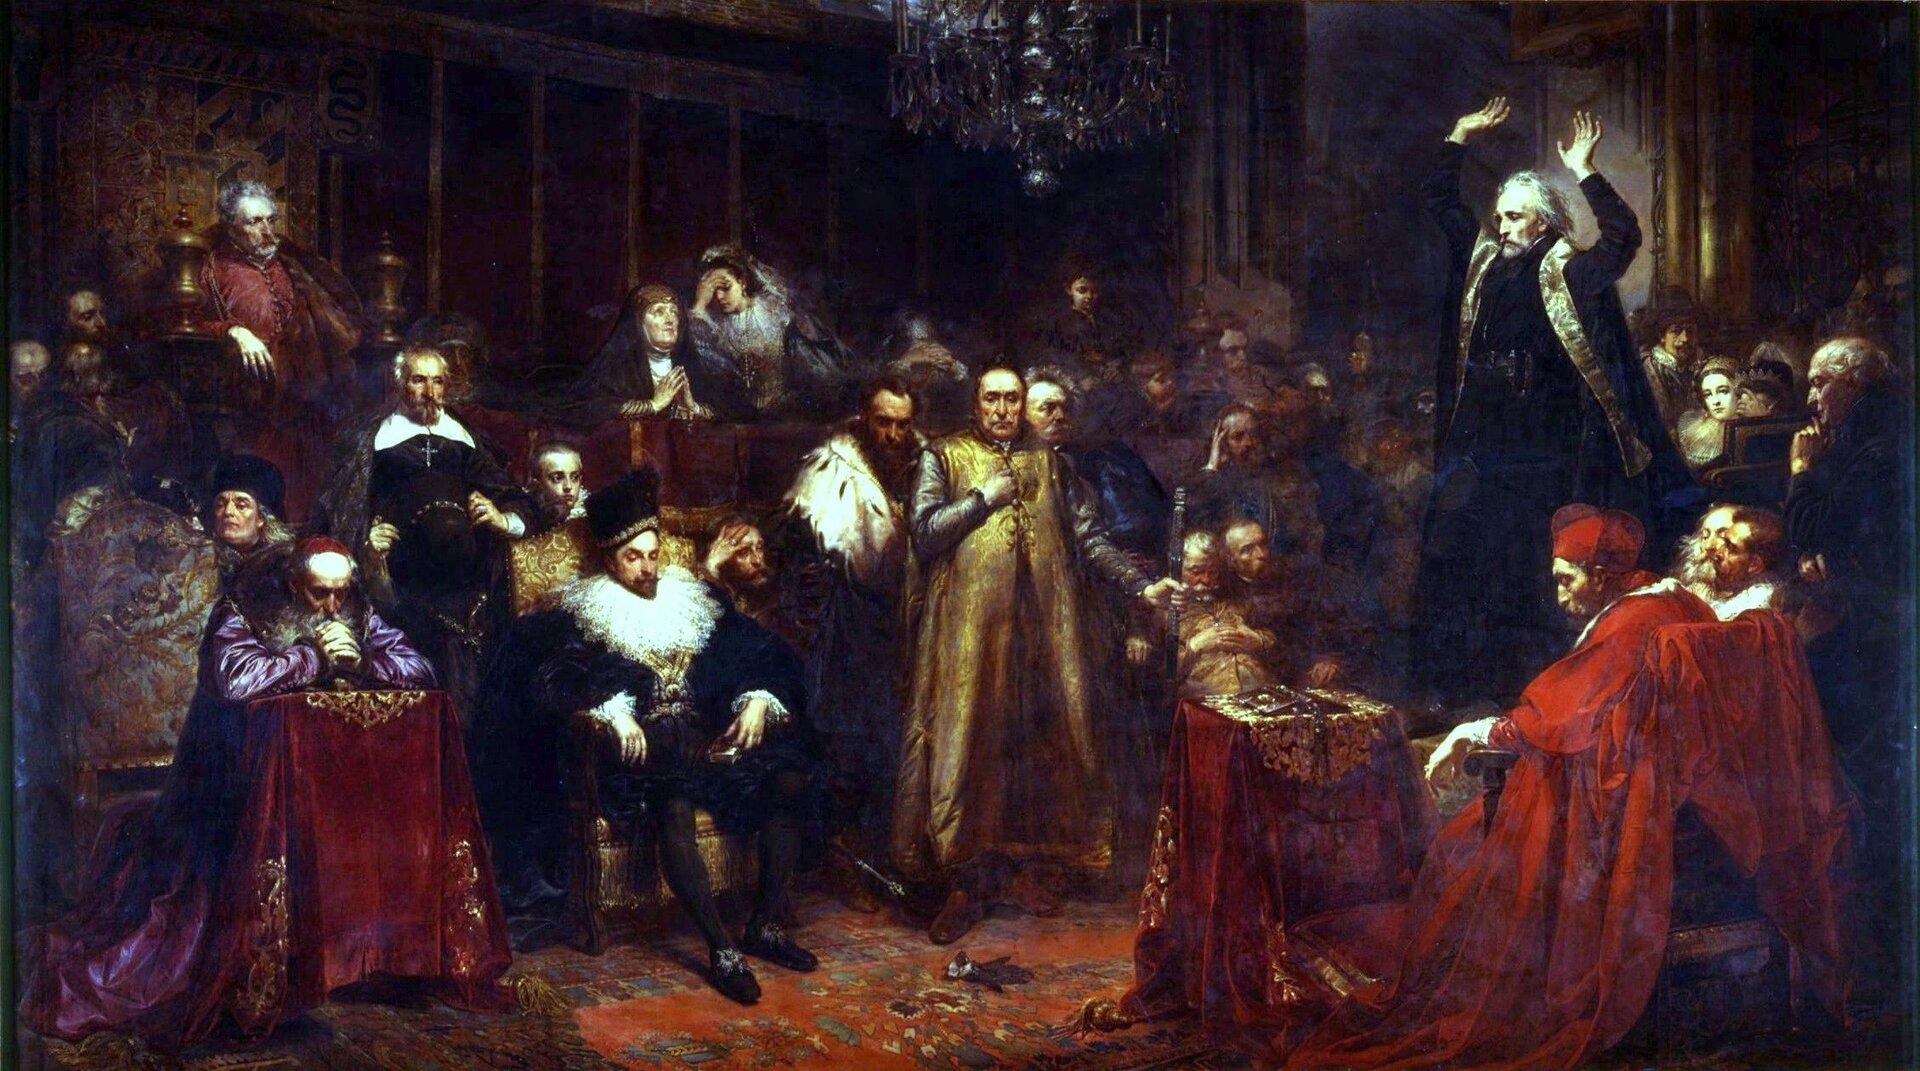 Kazanie Piotra Skargi Źródło: Jan Matejko, Kazanie Piotra Skargi, 1864, olej na płótnie, Zamek Królewski wWarszawie, domena publiczna.